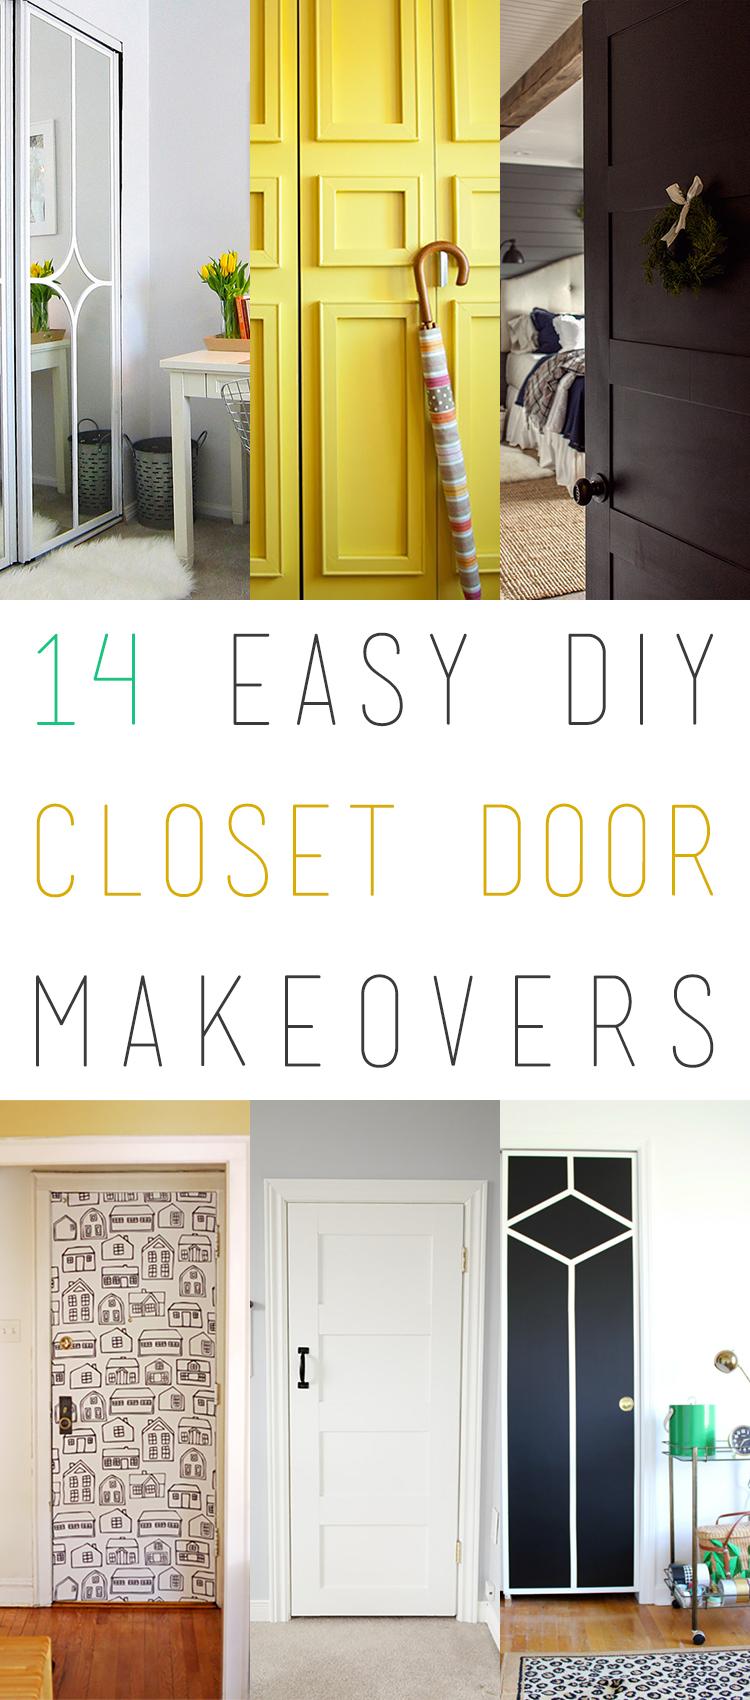 14 Easy Diy Closet Door Makeovers The Cottage Market